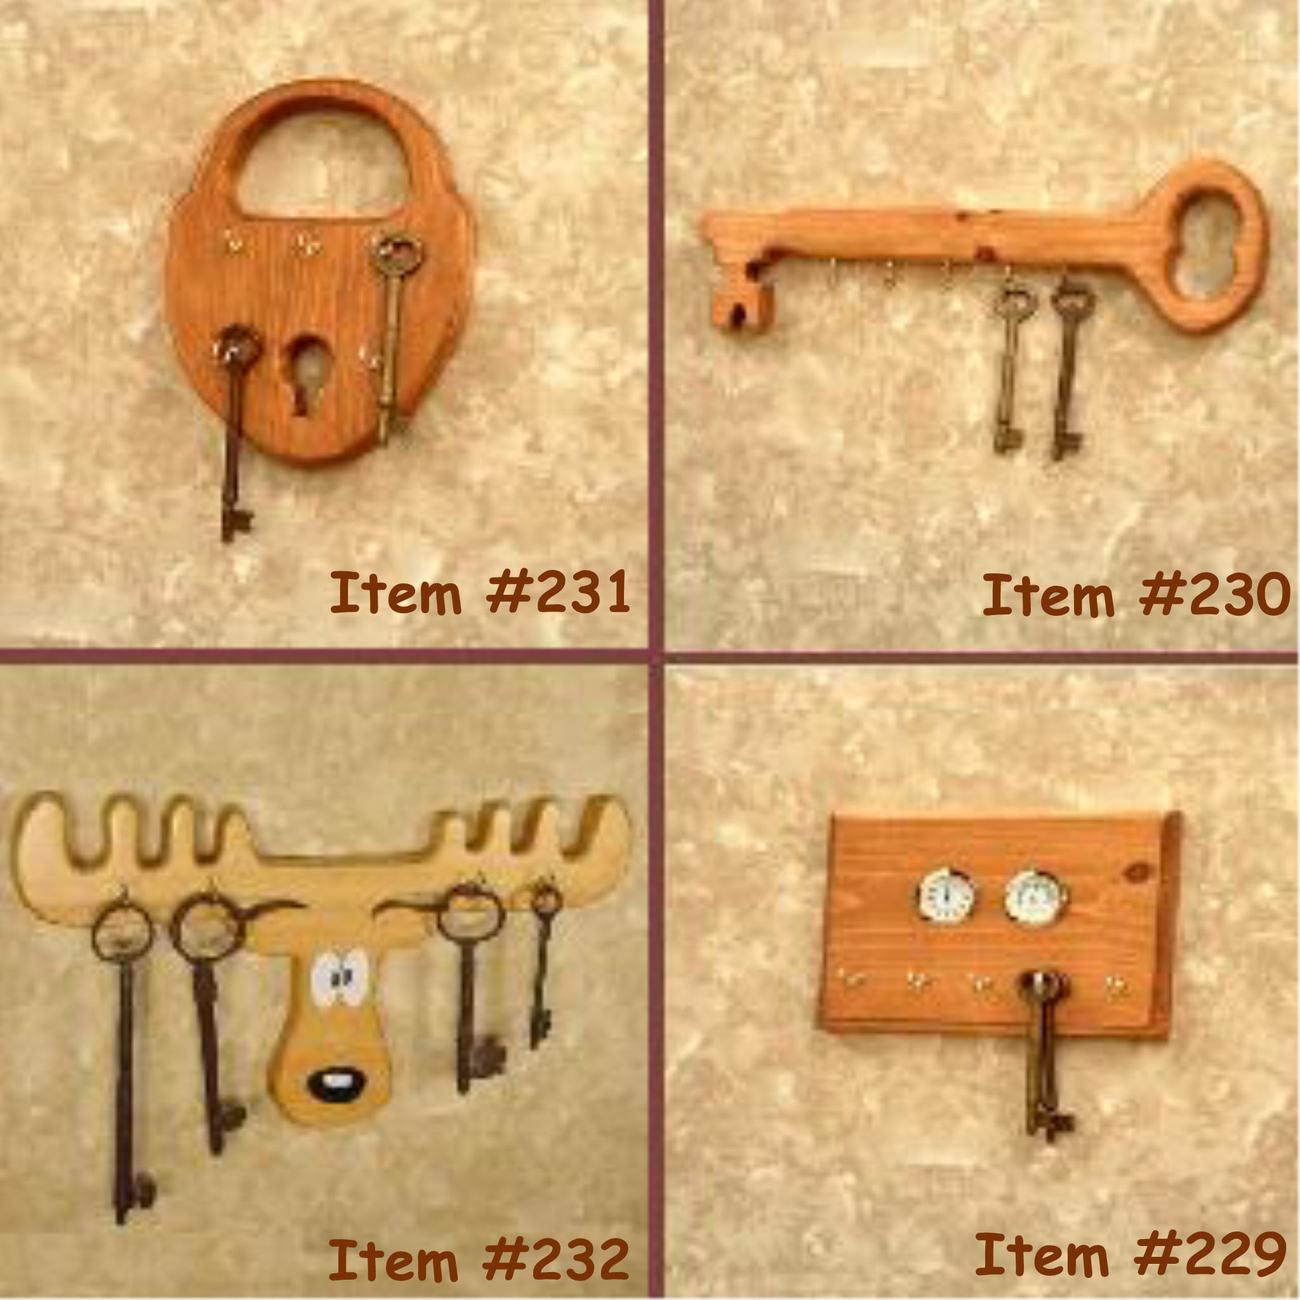 Key Holder - Key Organizers